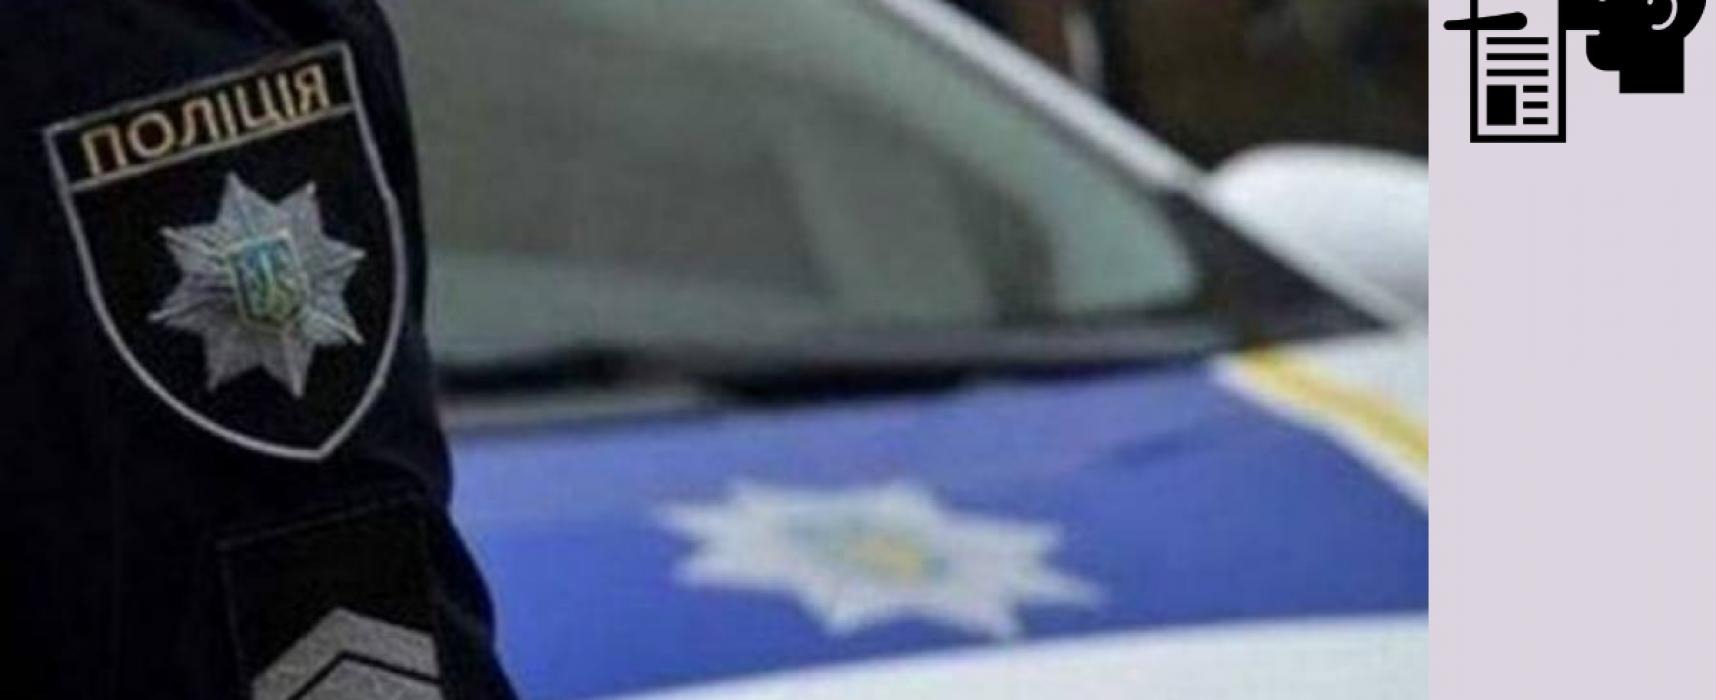 Фейк: Возле Берегово венгры жестоко убили 12-летнего украинского мальчика